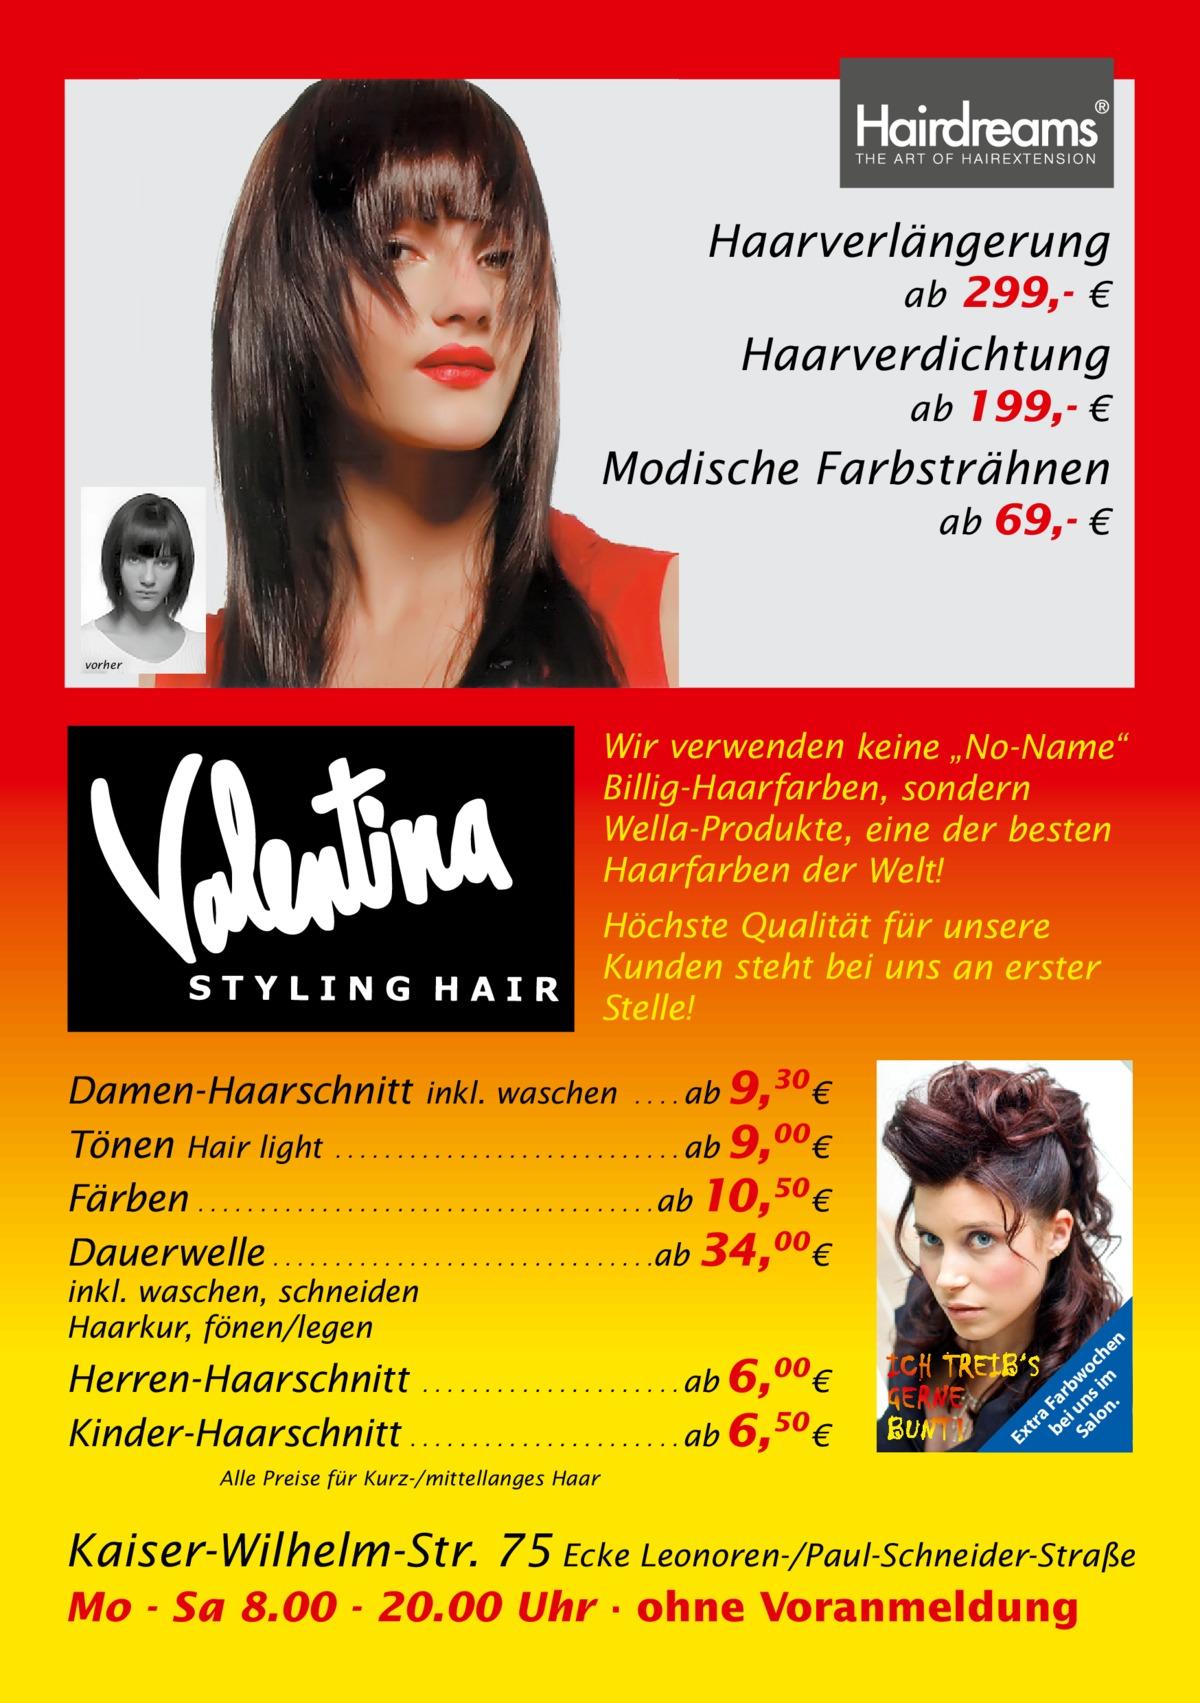 """Haarverlängerung ab 299,- €  Haarverdichtung ab 199,- €  Modische Farbsträhnen ab 69,- €  vorher  Wir verwenden keine """"No-Name"""" Billig-Haarfarben, sondern Wella-Produkte, eine der besten Haarfarben der Welt! Höchste Qualität für unsere Kunden steht bei uns an erster Stelle!  Herren-Haarschnitt . . . . . . . . . . . . . . . . . . . . . ab 6,00€ Kinder-Haarschnitt . . . . . . . . . . . . . . . . . . . . . . ab 6,50 €  Ex t  inkl. waschen, schneiden Haarkur, fönen/legen  ra be Fa i rb Sa un wo lo s im ch n. en  Damen-Haarschnitt inkl. waschen . . . . ab 9,30 € Tönen Hair light . . . . . . . . . . . . . . . . . . . . . . . . . . . . ab 9,00€ Färben . . . . . . . . . . . . . . . . . . . . . . . . . . . . . . . . . . . . . ab 10,50 € Dauerwelle . . . . . . . . . . . . . . . . . . . . . . . . . . . . . . .ab 34,00€  Alle Preise für Kurz-/mittellanges Haar  Kaiser-Wilhelm-Str. 75 Ecke Leonoren-/Paul-Schneider-Straße Mo - Sa 8.00 - 20.00 Uhr · ohne Voranmeldung"""